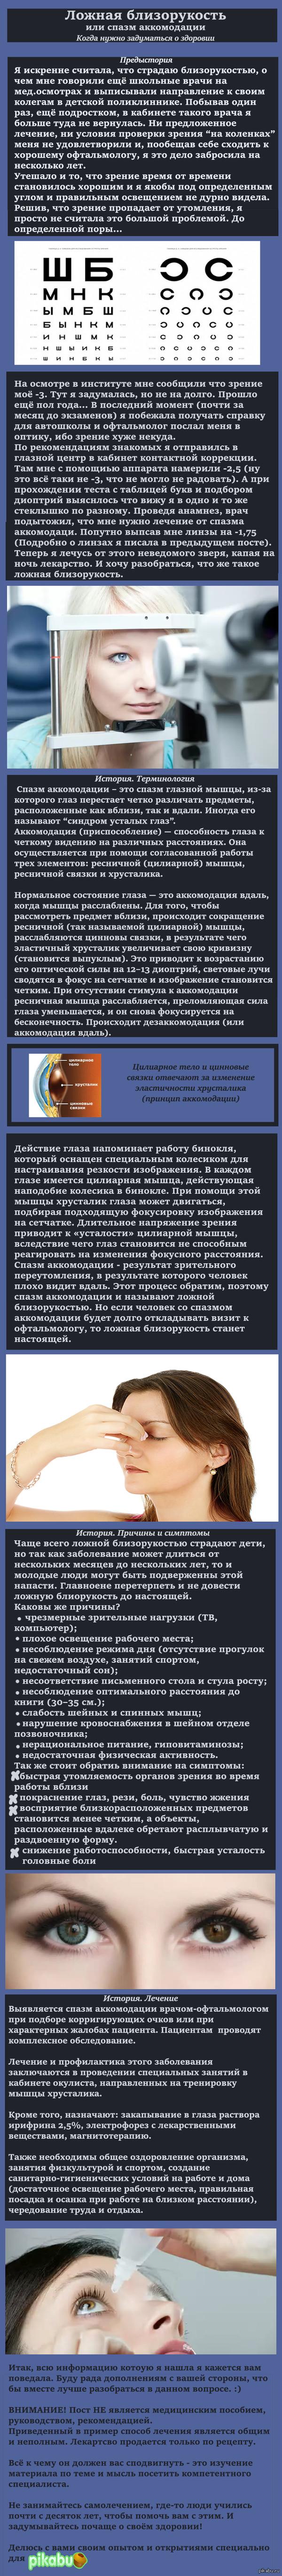 """Ложная близорукость. В поисках ответов. В дополнение к своему посту <a href=""""http://pikabu.ru/story/kontaktnyie_linzyi_3400724"""">http://pikabu.ru/story/_3400724</a> который помог некоторым, снова делюсь тем, что открыла для себя в последнее время"""